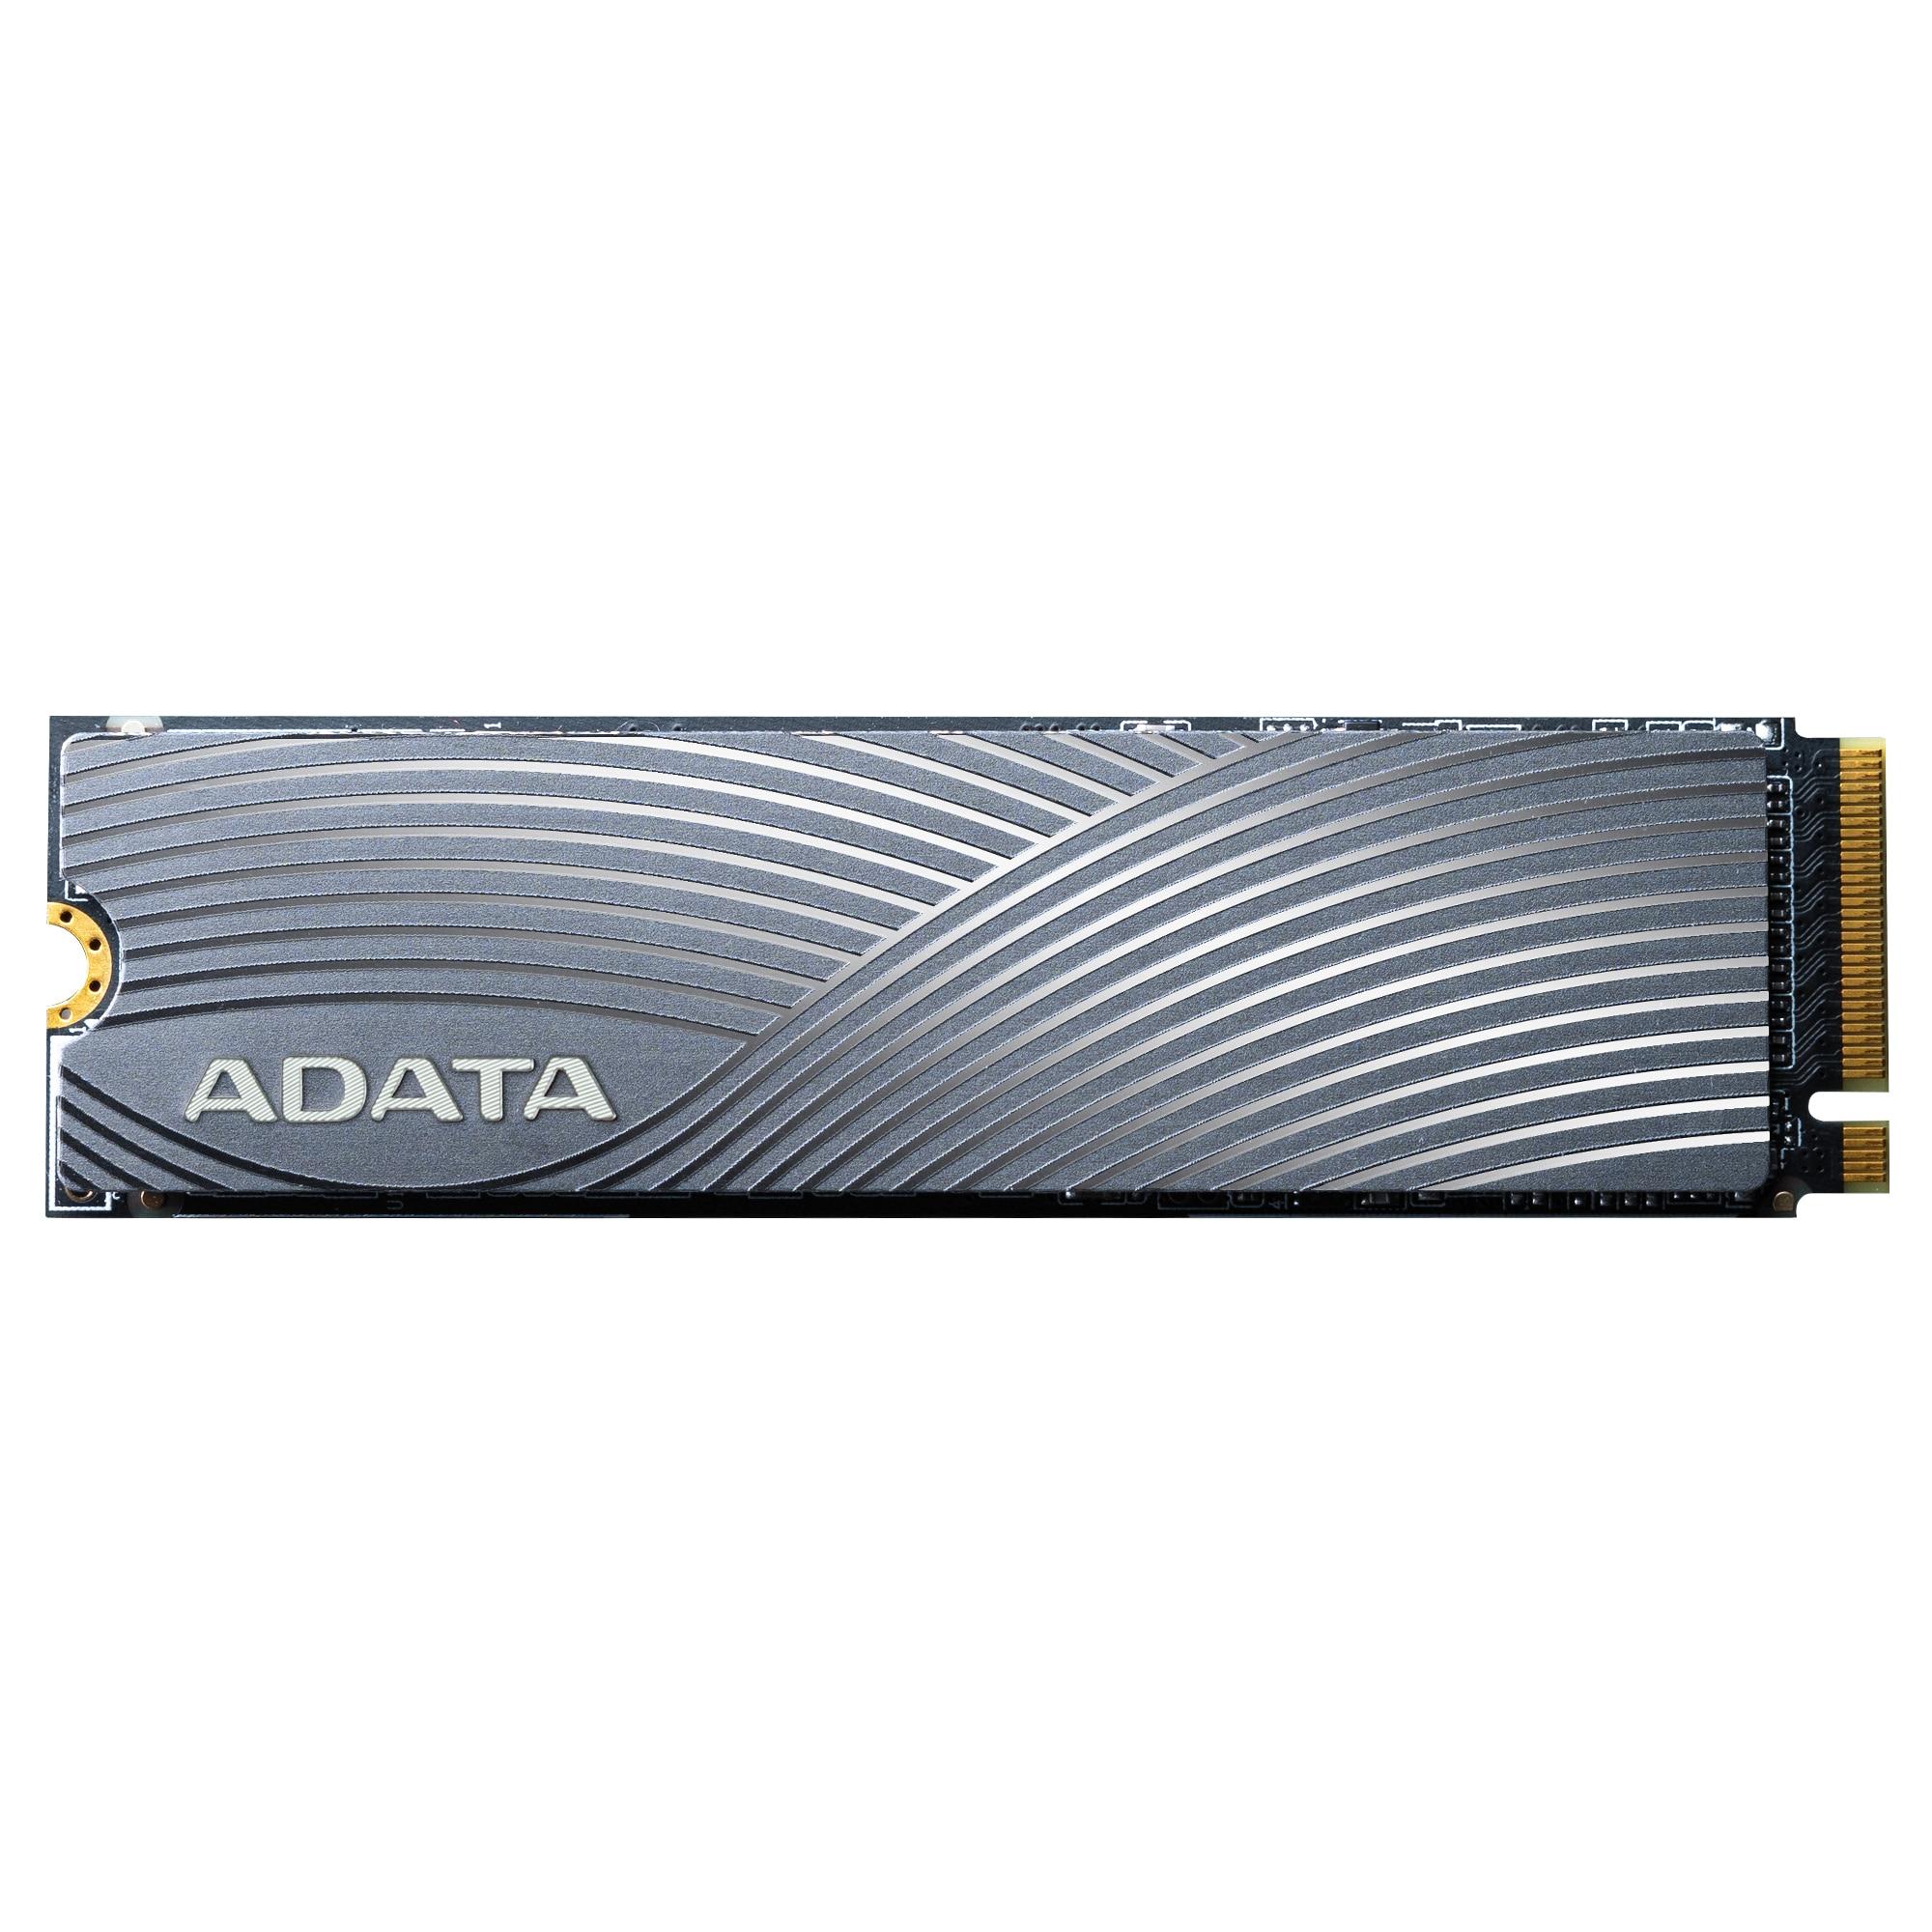 Fotografie Solid-State Drive (SSD) ADATA SWORDFISH, 250GB, M.2